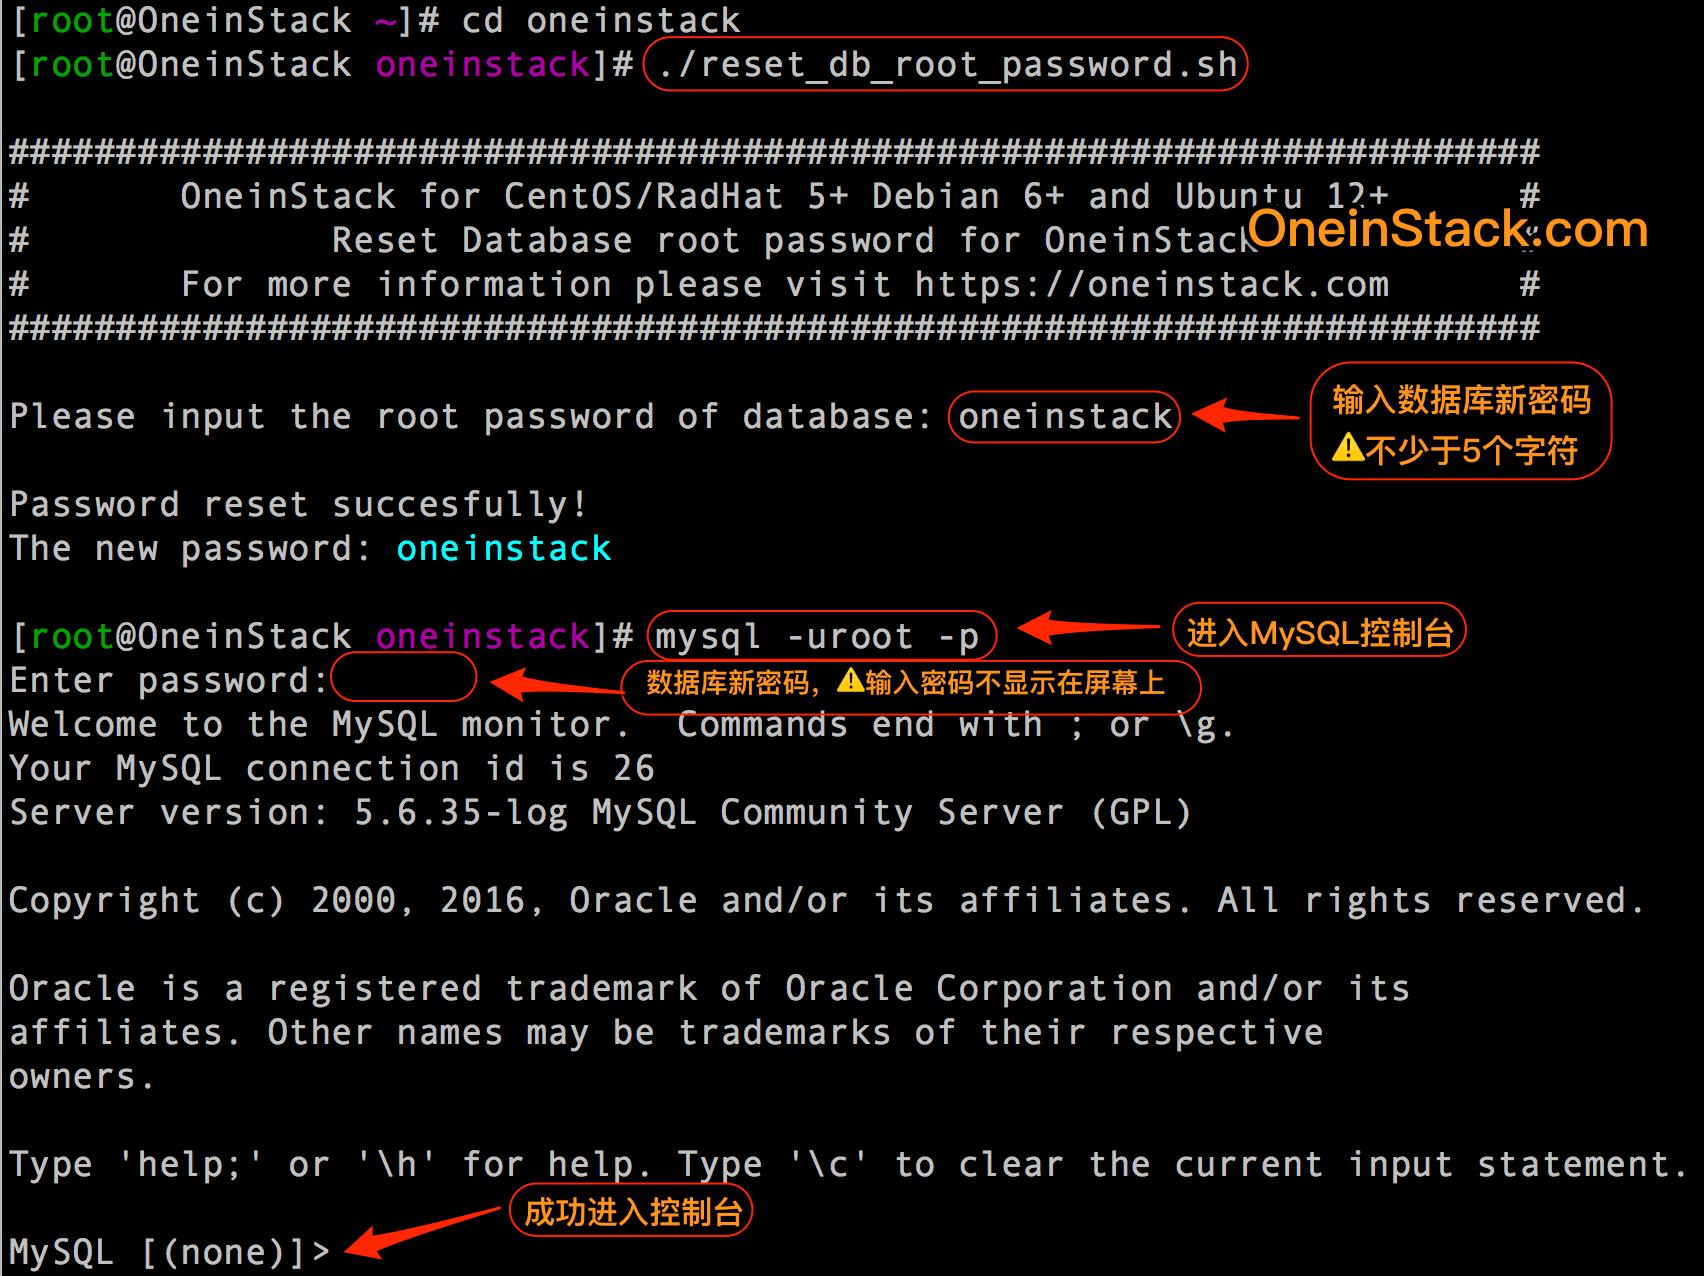 《回答获取MySQL root密码?》